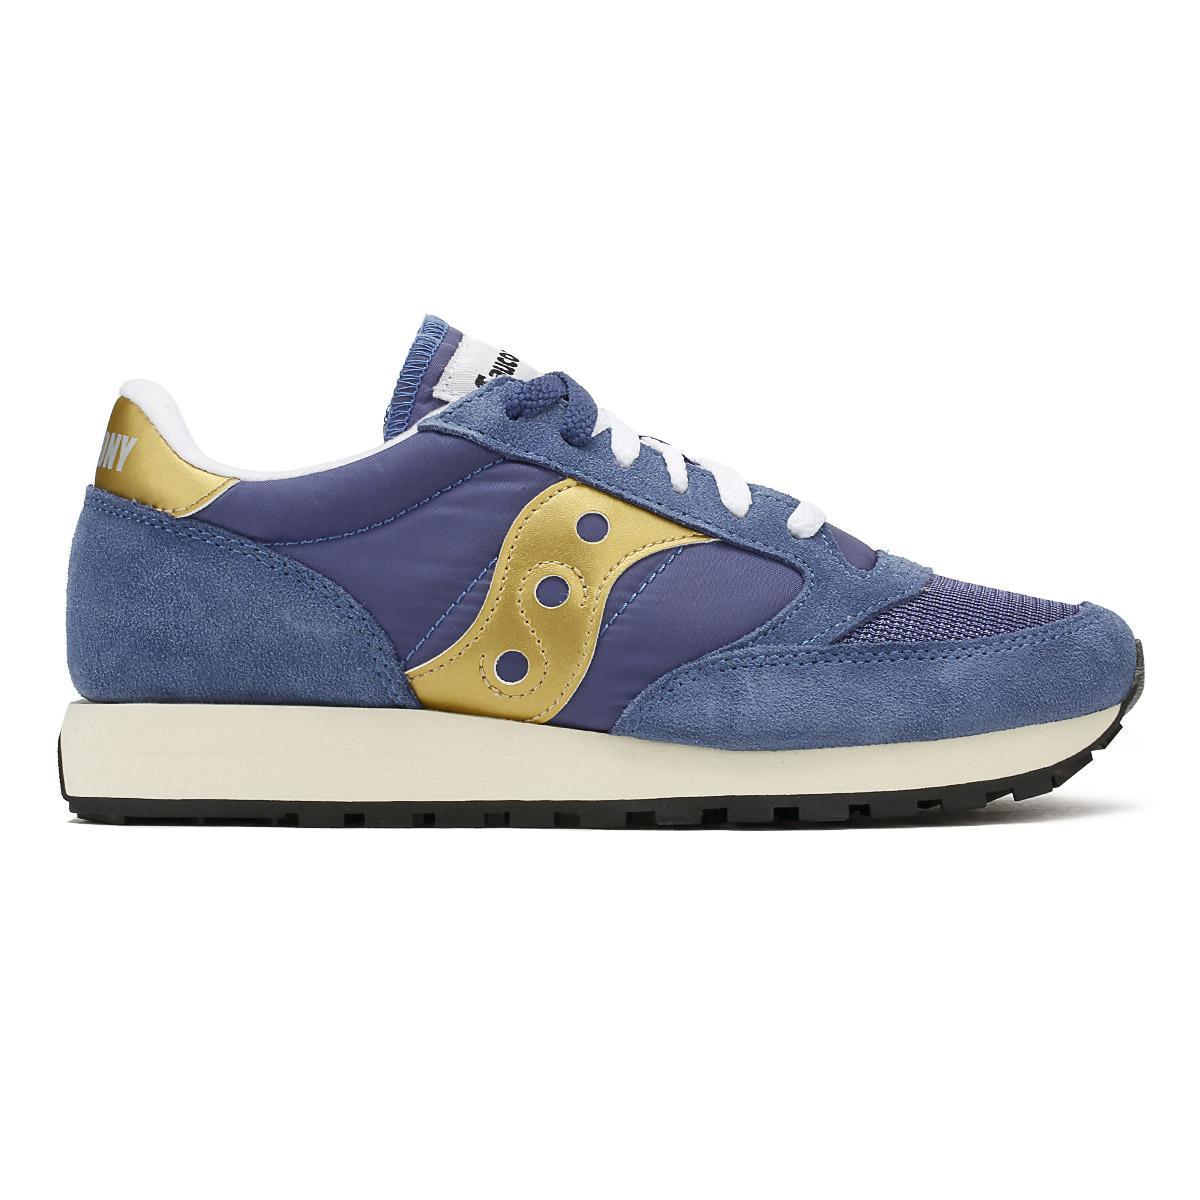 JAZZ ORIGINAL VINTAGE - Sneaker low - navy/gold Günstig Kaufen Visum Zahlung Online Einkaufen Verkaufsshop Günstige Online Freies Verschiffen Das Preiswerteste CSBJ7mh6Ti